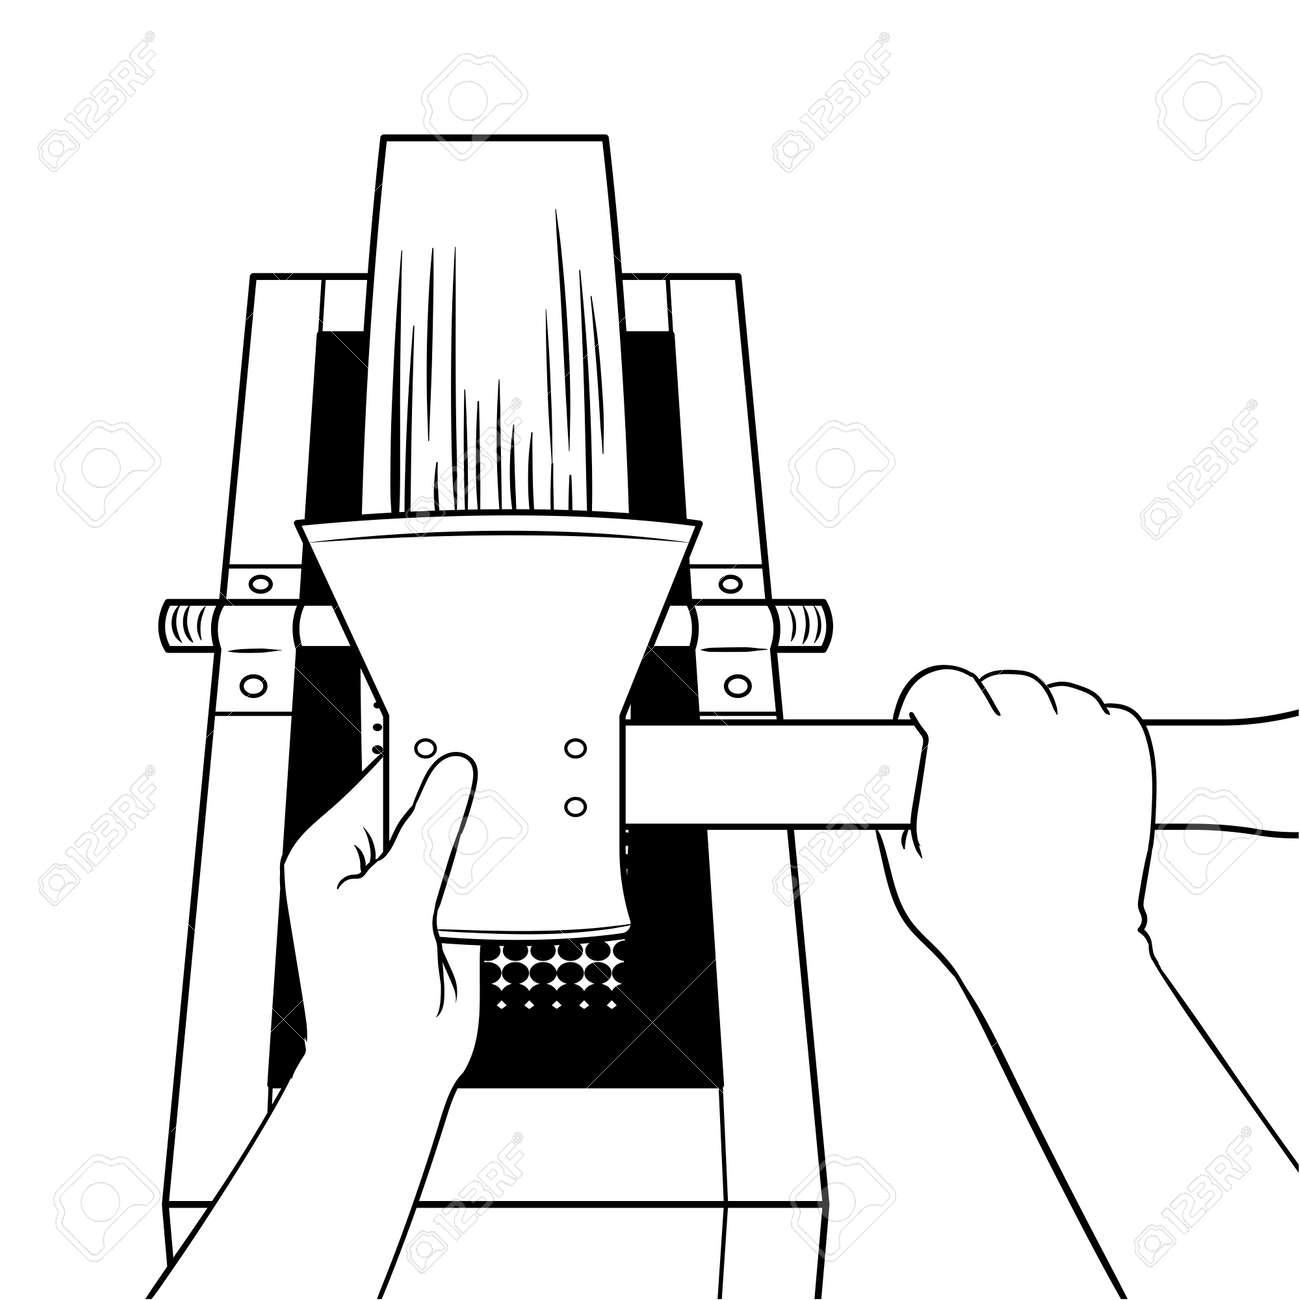 schärfen axt auf schleifstein malbuch vektor lizenzfrei nutzbare